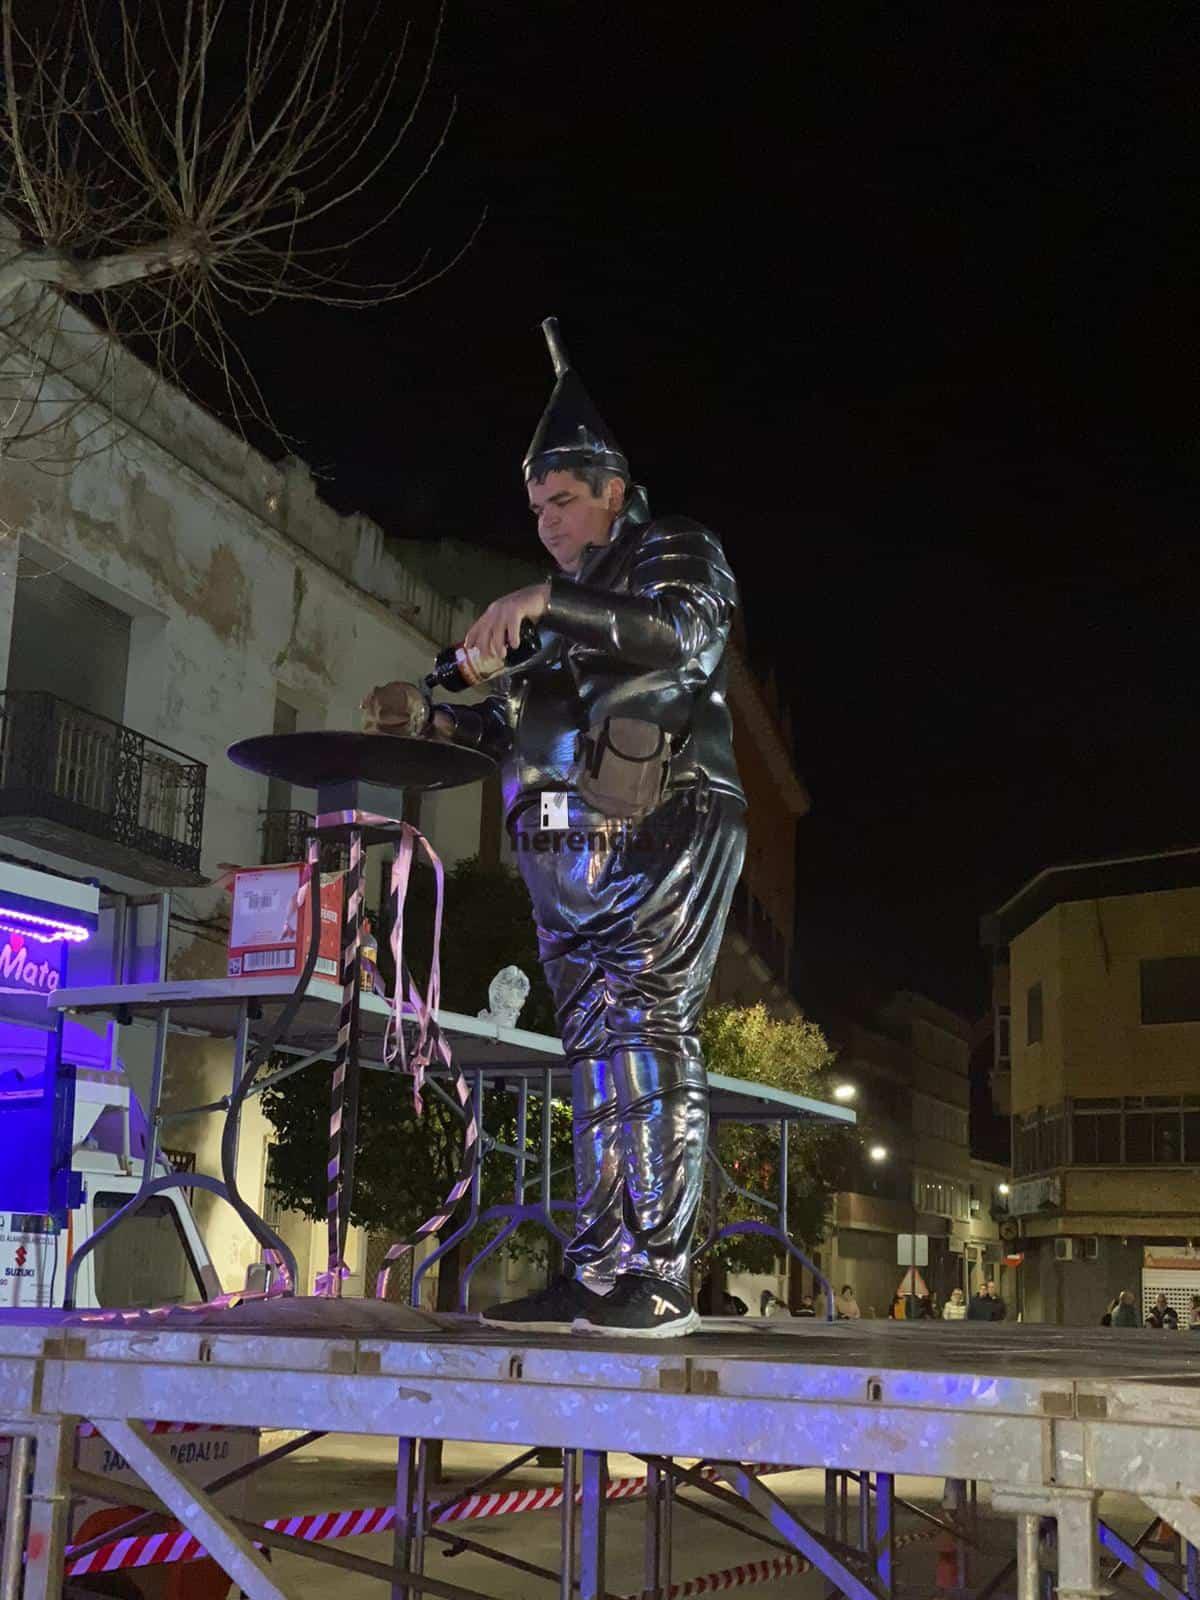 Viernes de Prisillas 2020 del Carnaval en imágenes 87